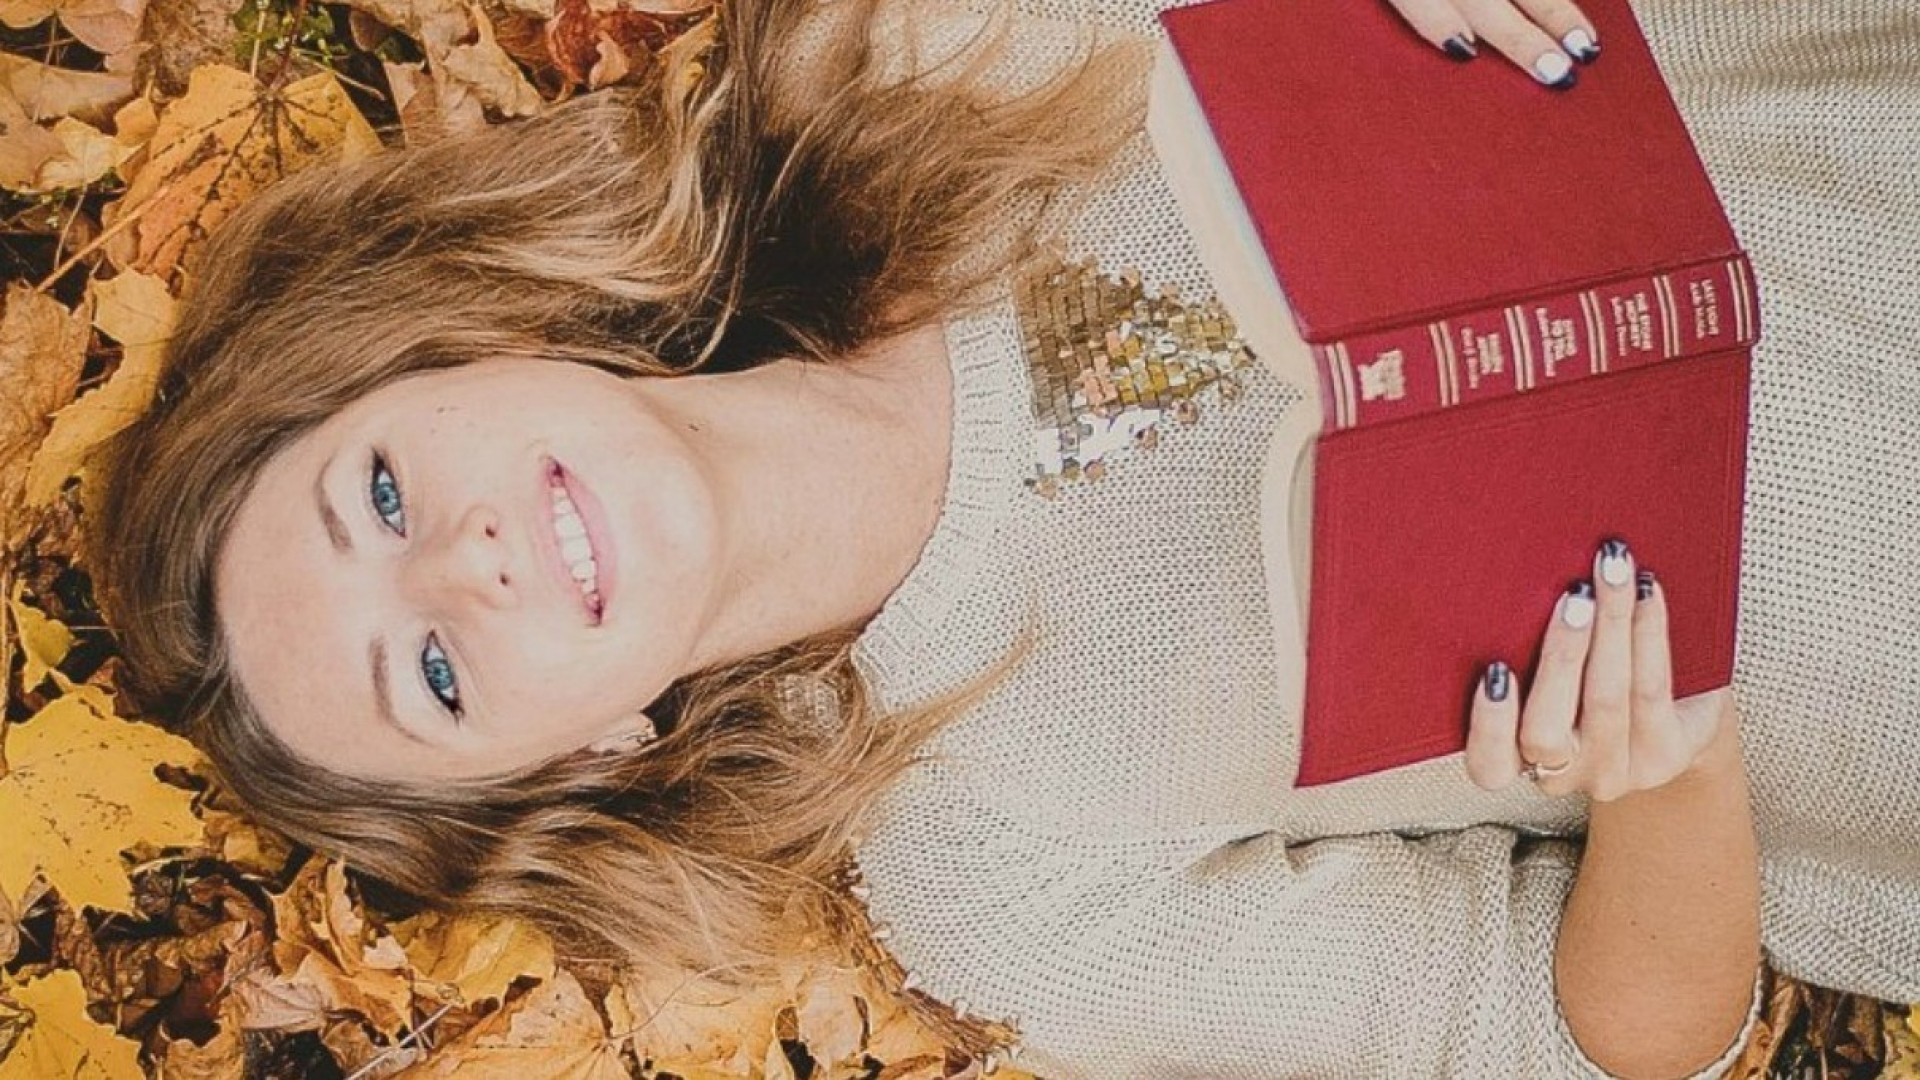 Наступая на пятки осени, я люблю прошедшее мерить в вечностях и июлях…